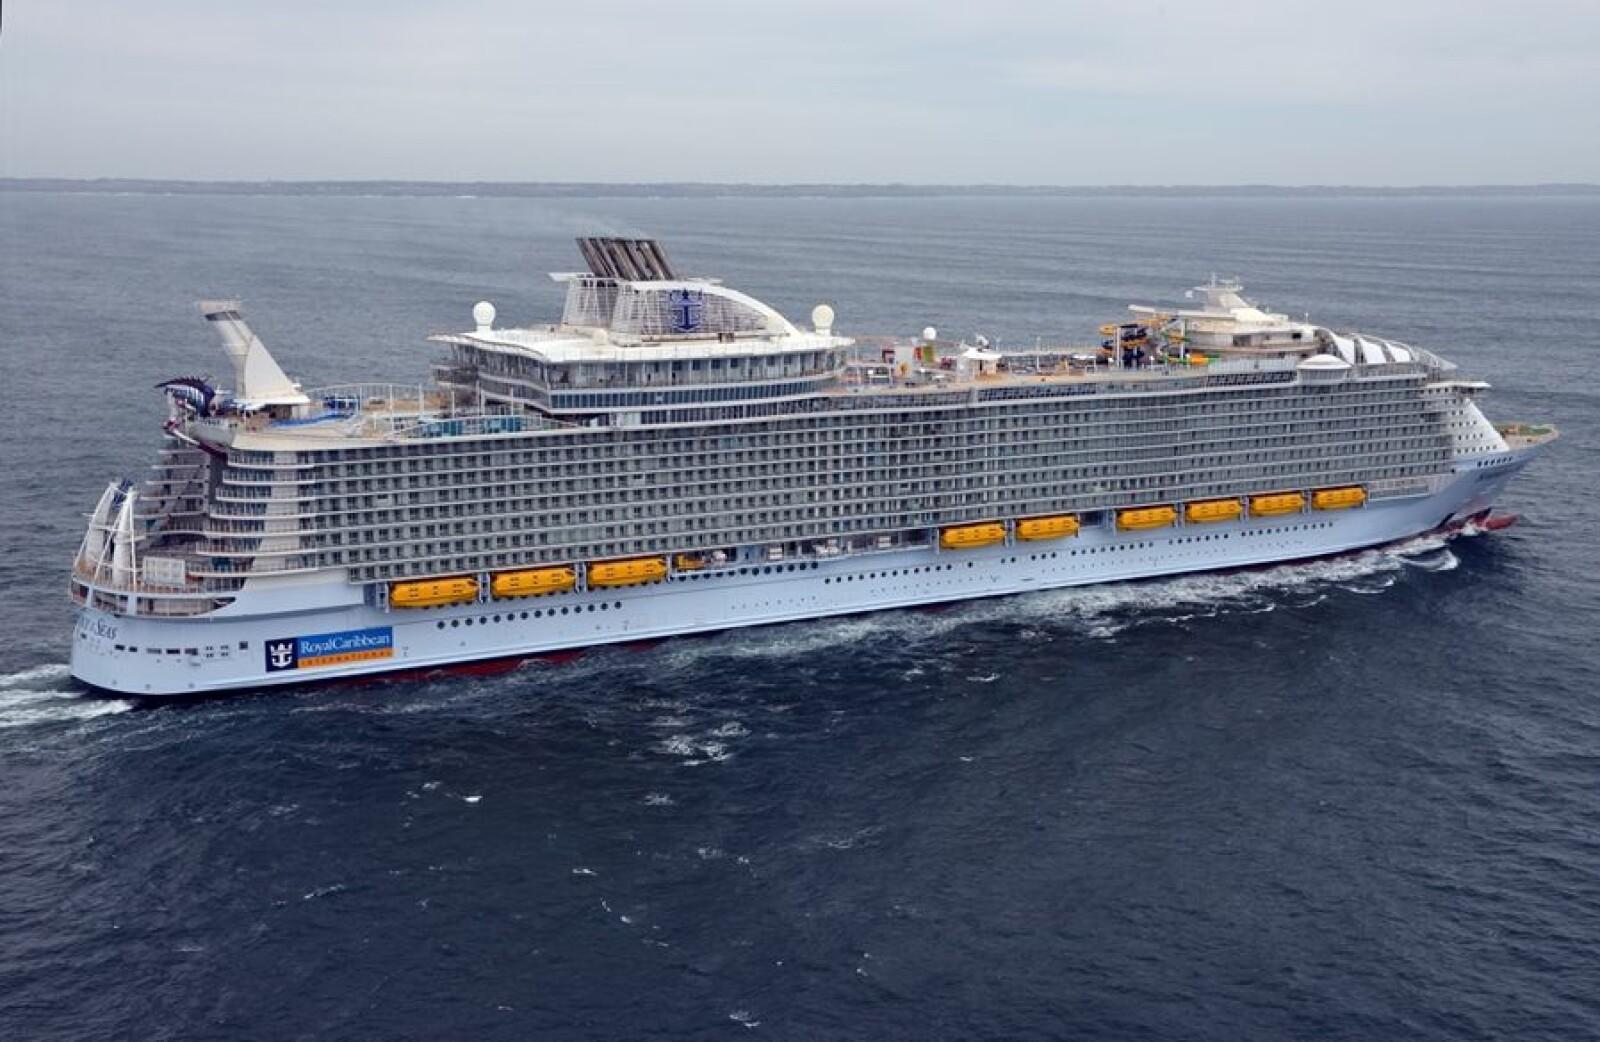 <b>GIGANT:</b> «Symphony of the Seas» er 362 meter langt. Til sammenligning er verdens største containerskip 400 meter langt.